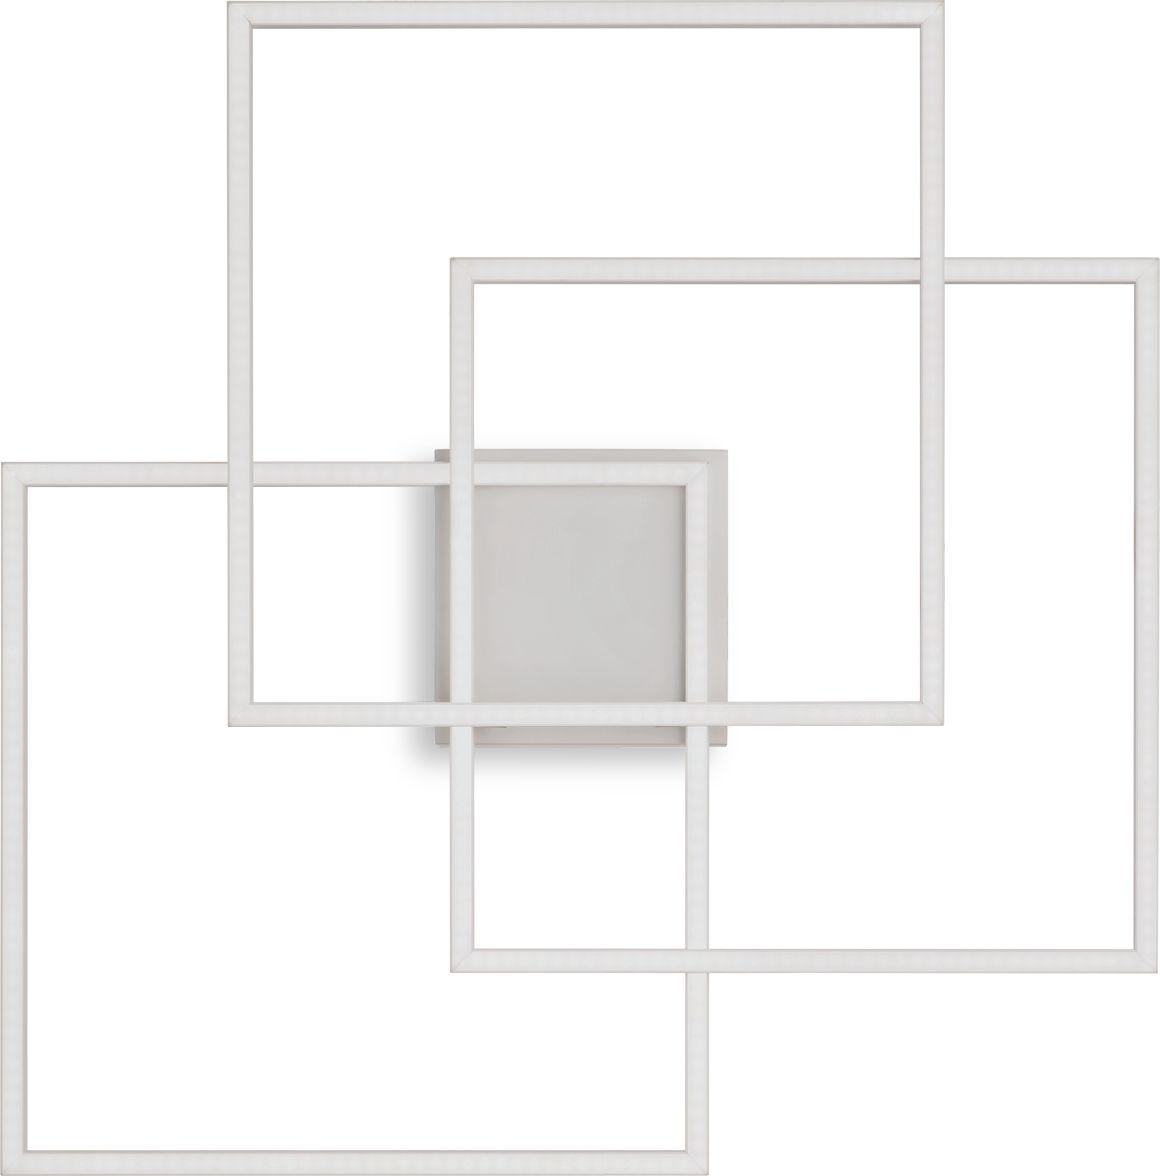 Plafon Frame 230702 Ideal Lux nowoczesna lampa sufitowa w kolorze białym